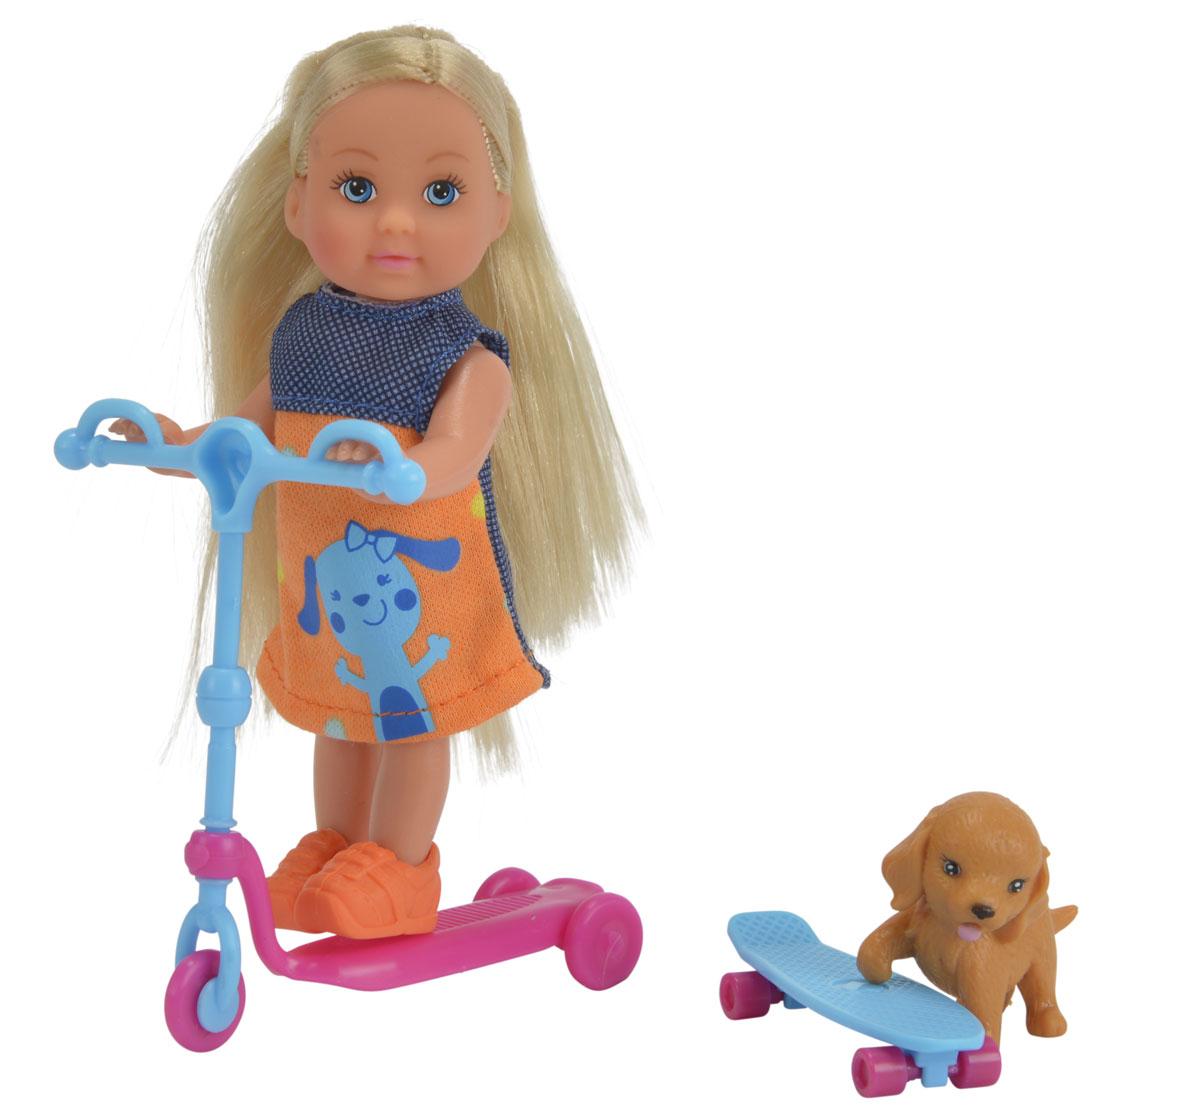 Simba Мини-кукла Еви на скутере цвет голубой розовый5732295_голубой, розовыйМини-кукла Simba Еви на скутере порадует любую девочку и надолго увлечет ее. Для летней прогулки в наборе с куколкой имеется все необходимое: скутер, скейт и фигурка собачки. Еви весело проводит время со своим любимым песиком. Малышка Еви одета в стильное летнее платье и оранжевые ботиночки. Вашей дочурке непременно понравится заплетать длинные белокурые волосы куклы, придумывая разнообразные прически. Руки, ноги и голова куклы подвижны, благодаря чему ей можно придавать разнообразные позы. Игры с куклой способствуют эмоциональному развитию, помогают формировать воображение и художественный вкус, а также разовьют в вашей малышке чувство ответственности и заботы. Великолепное качество исполнения делают эту куколку чудесным подарком к любому празднику.